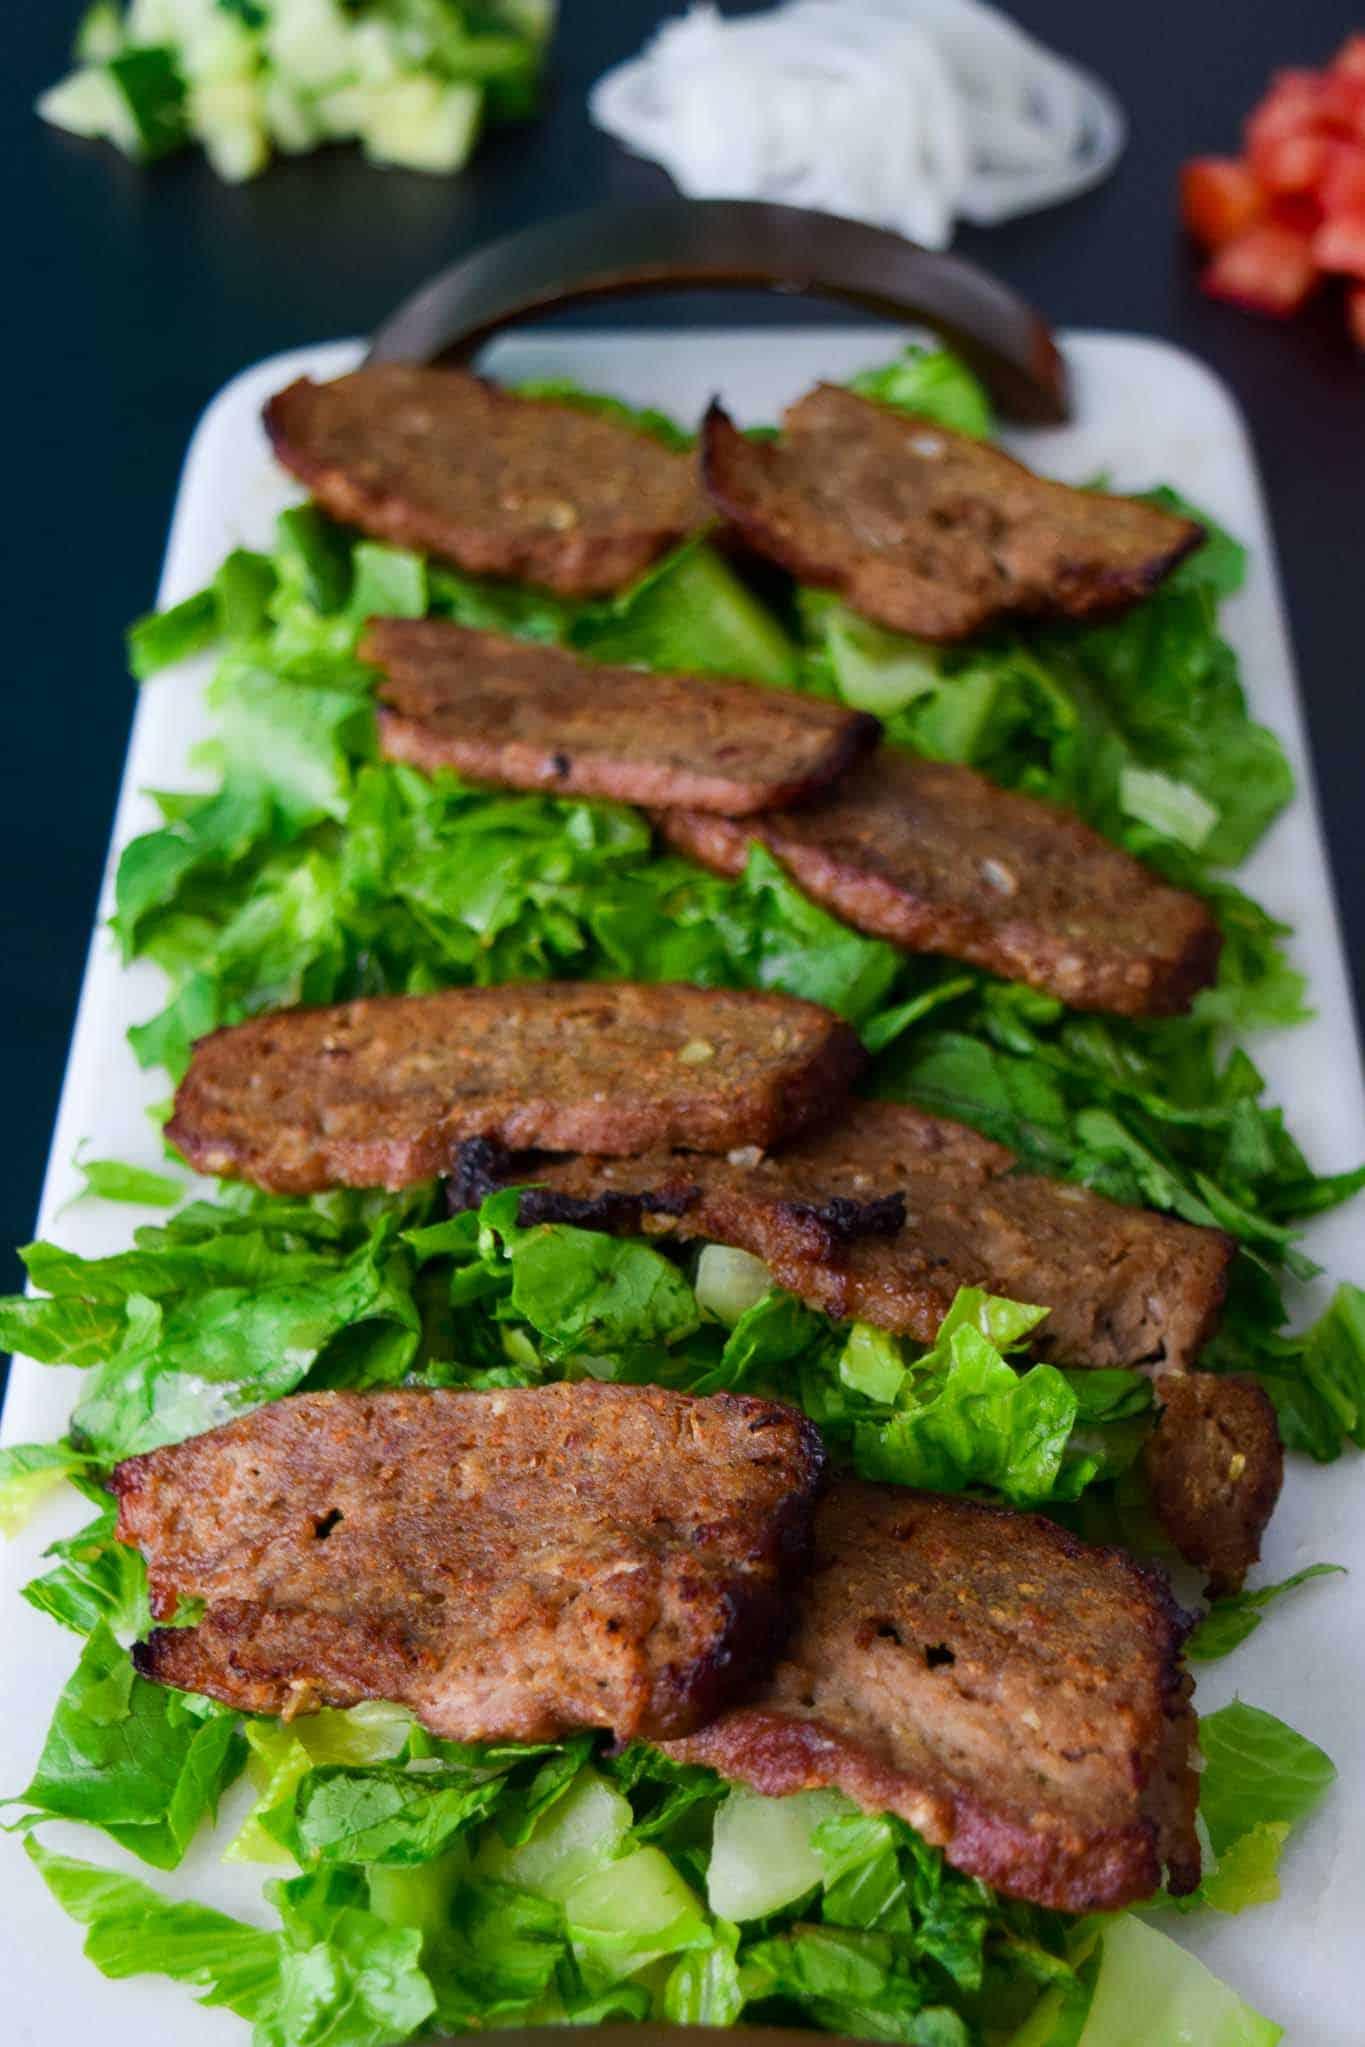 Gyro Meat sliced on bed of lettuce on white platter